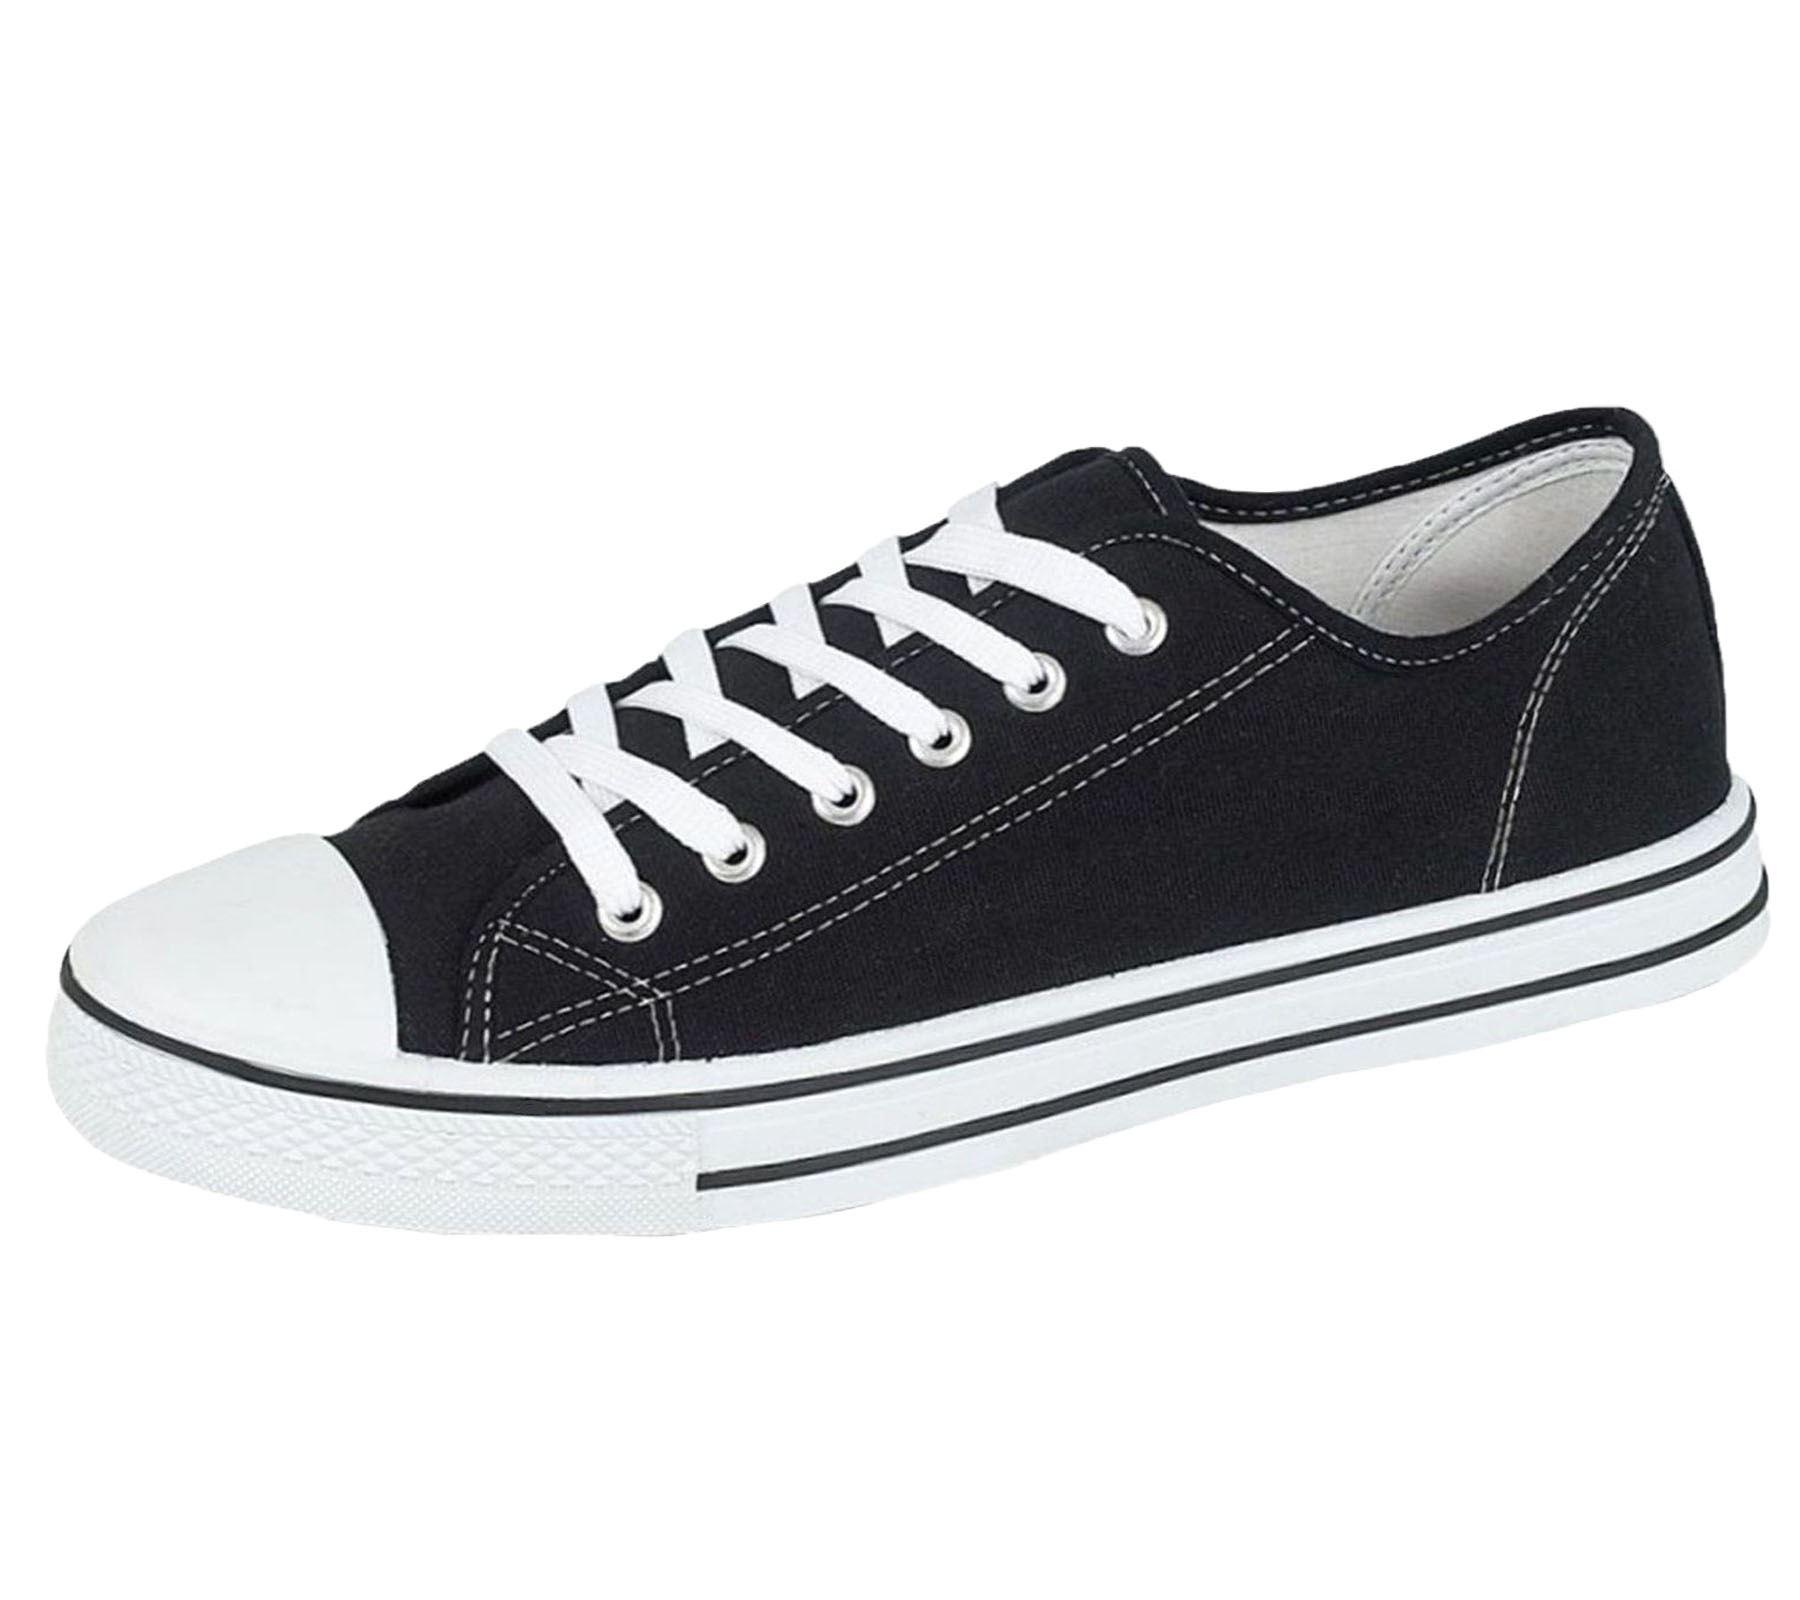 Mens-Canvas-Shoes-Plimsole-Trainer-Pumps-Lace-Up-Flat-Shoes thumbnail 12